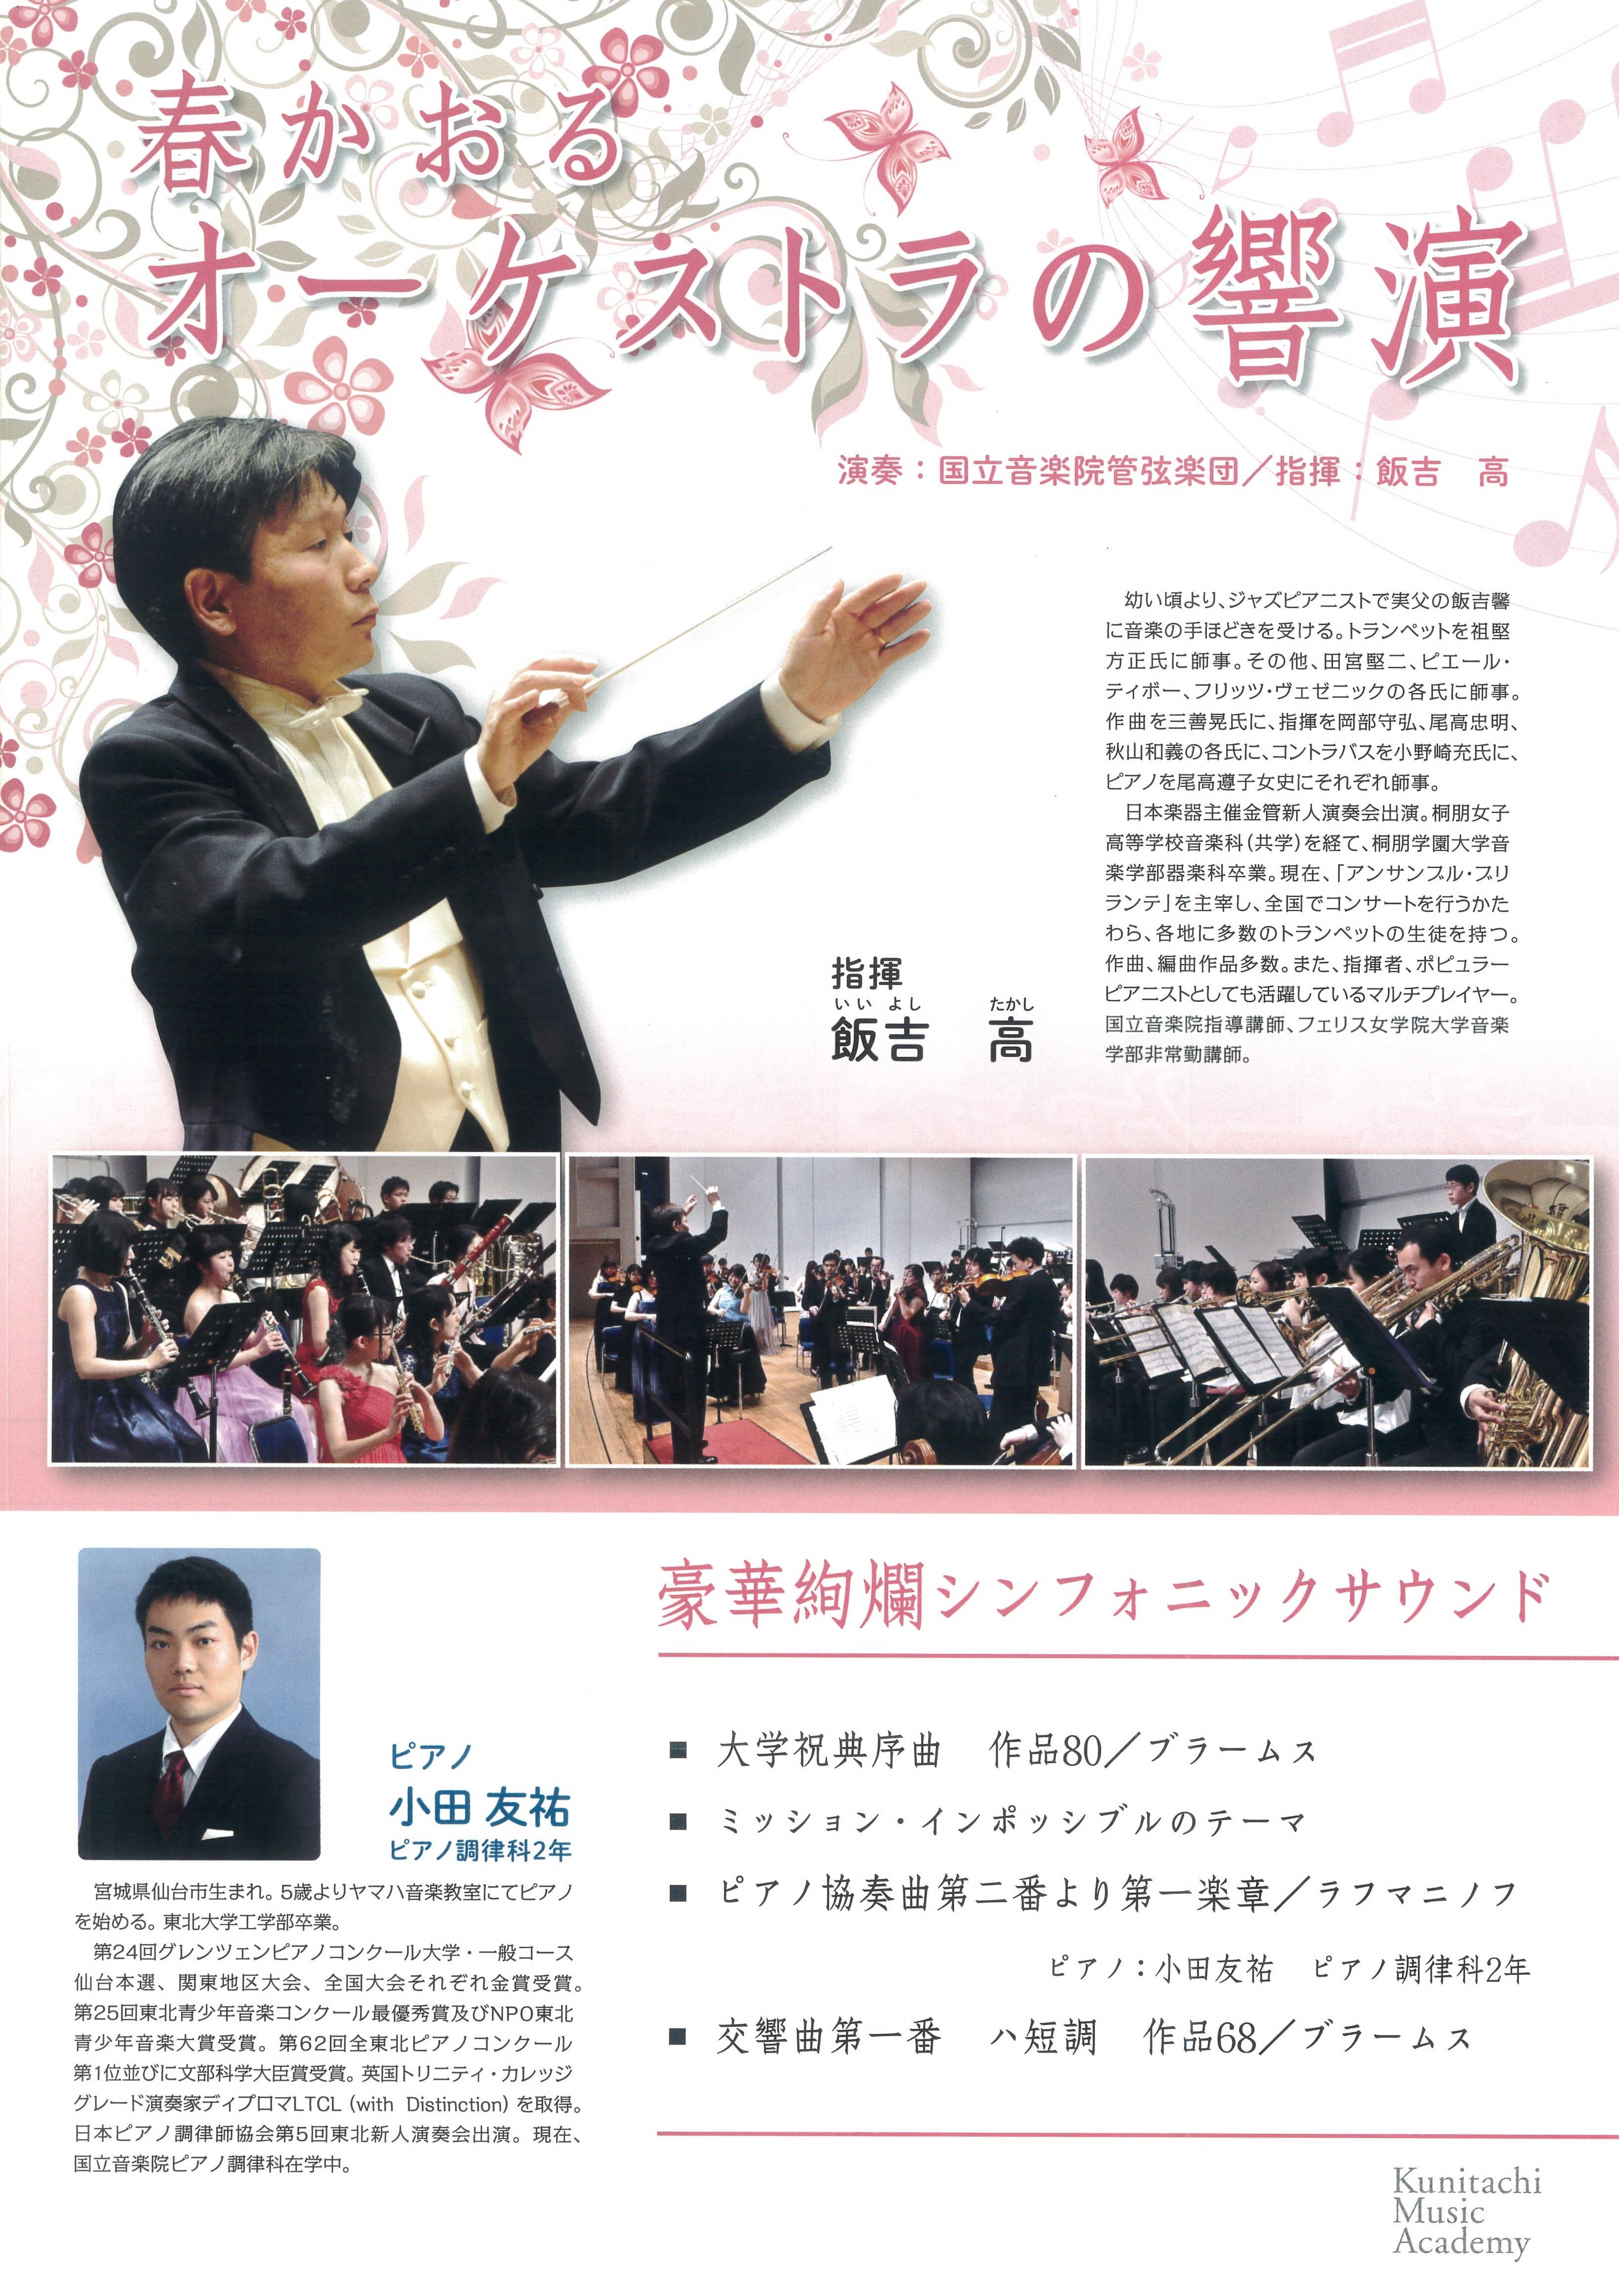 春かおるオーケストラの響演の公演情報掲載フライヤー。演奏は国立音楽院管弦楽団、指揮は飯吉高。ピアノコンチェルトにピアノ調律科2年の小田友祐さん。